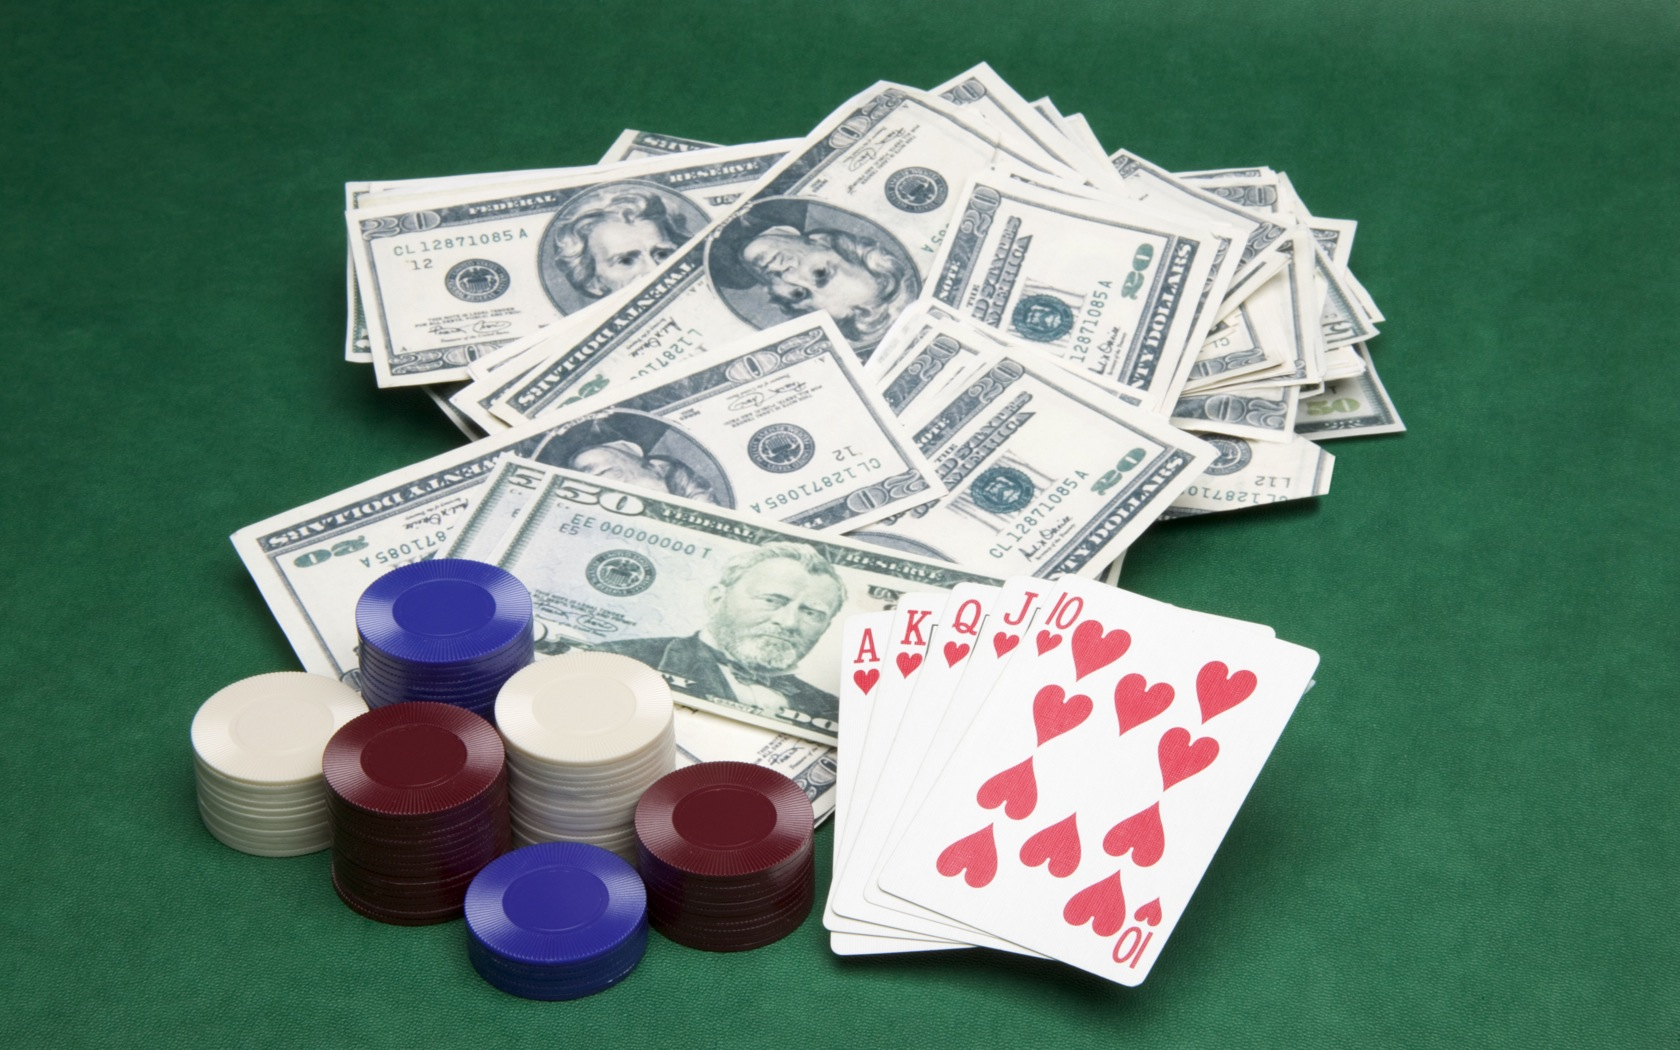 играть рубли покер как онлайн на в